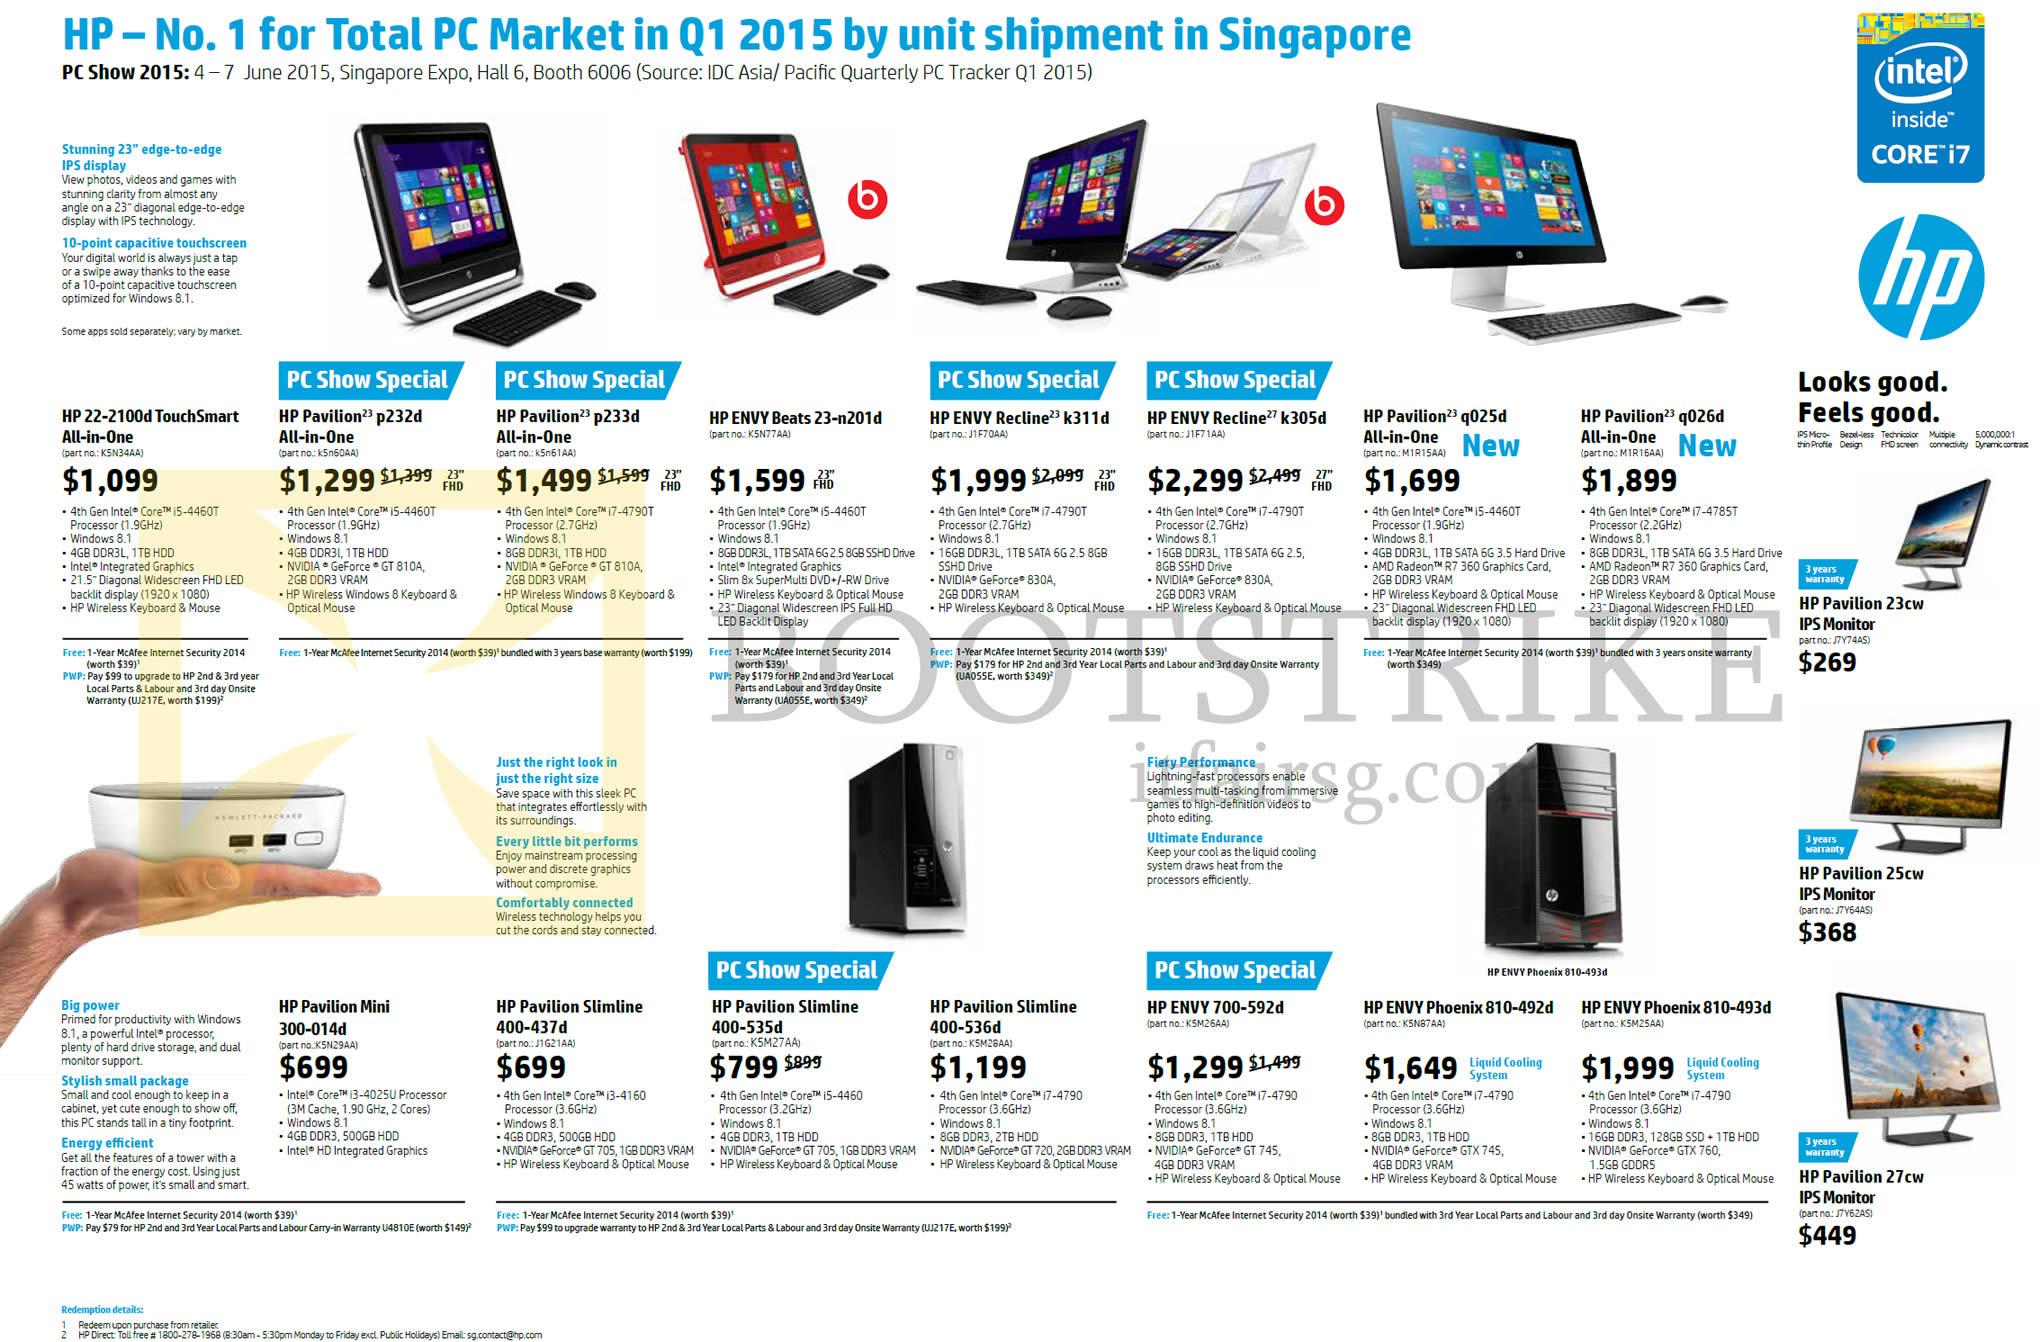 Hp notebook desktop - Pc Show 2015 Price List Image Brochure Of Hp Desktop Pcs Pavilion Touchsmart Envy